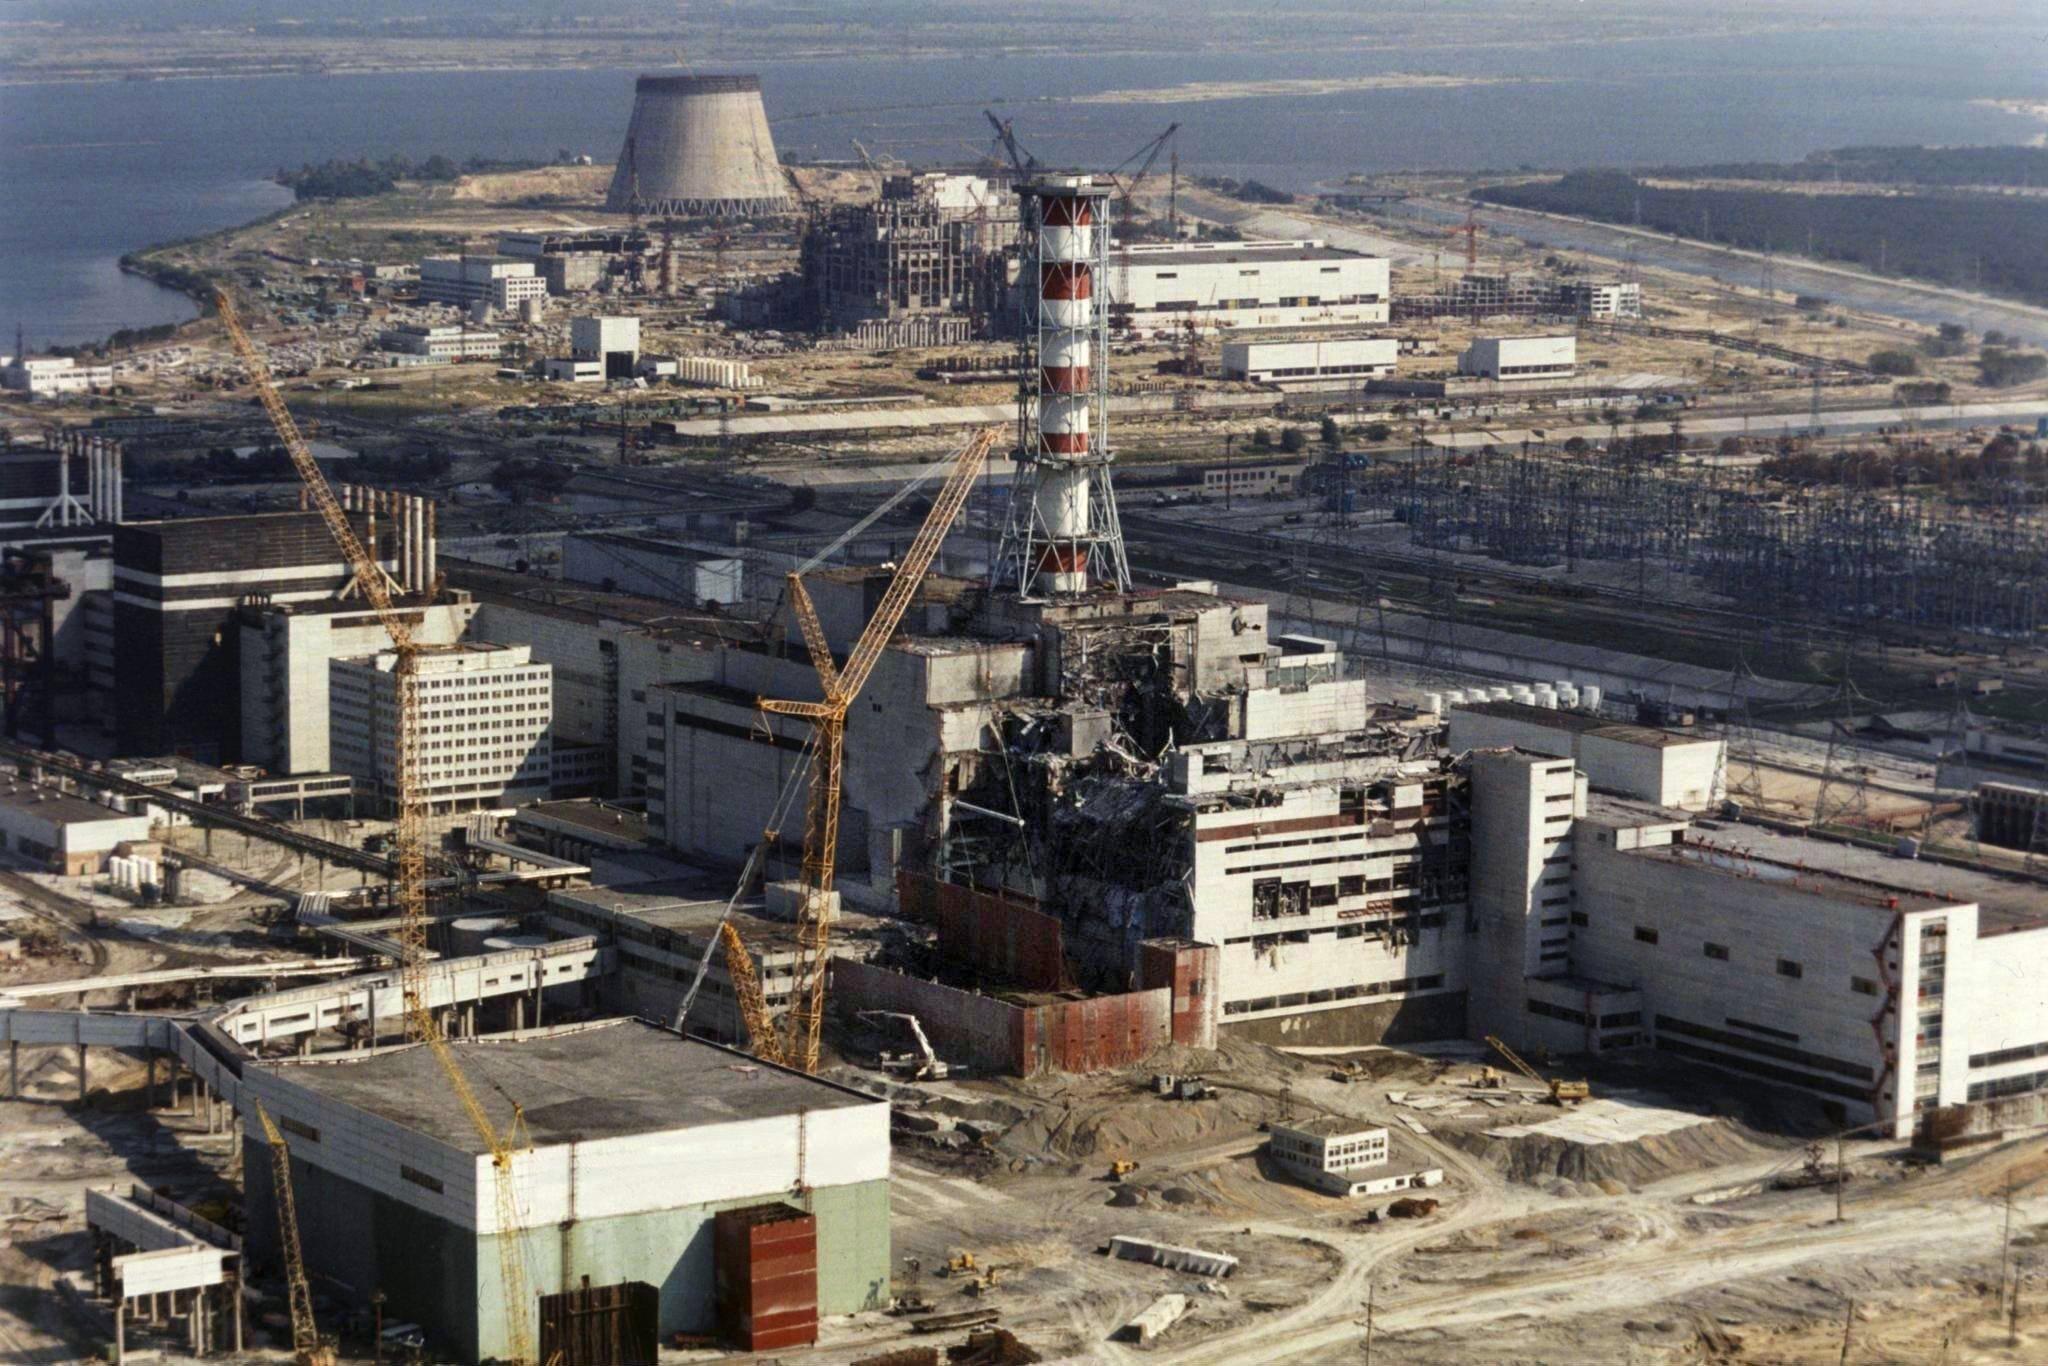 Reparaturarbeiten am explodierten ukrainischen Atomkraftwerk Tschernobyl (Aufnahme vom 1. Oktober 1986). Auch 30 Jahre nach der Atomkatastrophe von Tschernobyl sind heimische Pilze und Wildfleisch teils noch hoch radioaktiv belastet. Bundesweit am schlimmsten vom Fallout betroffen war Bayern.